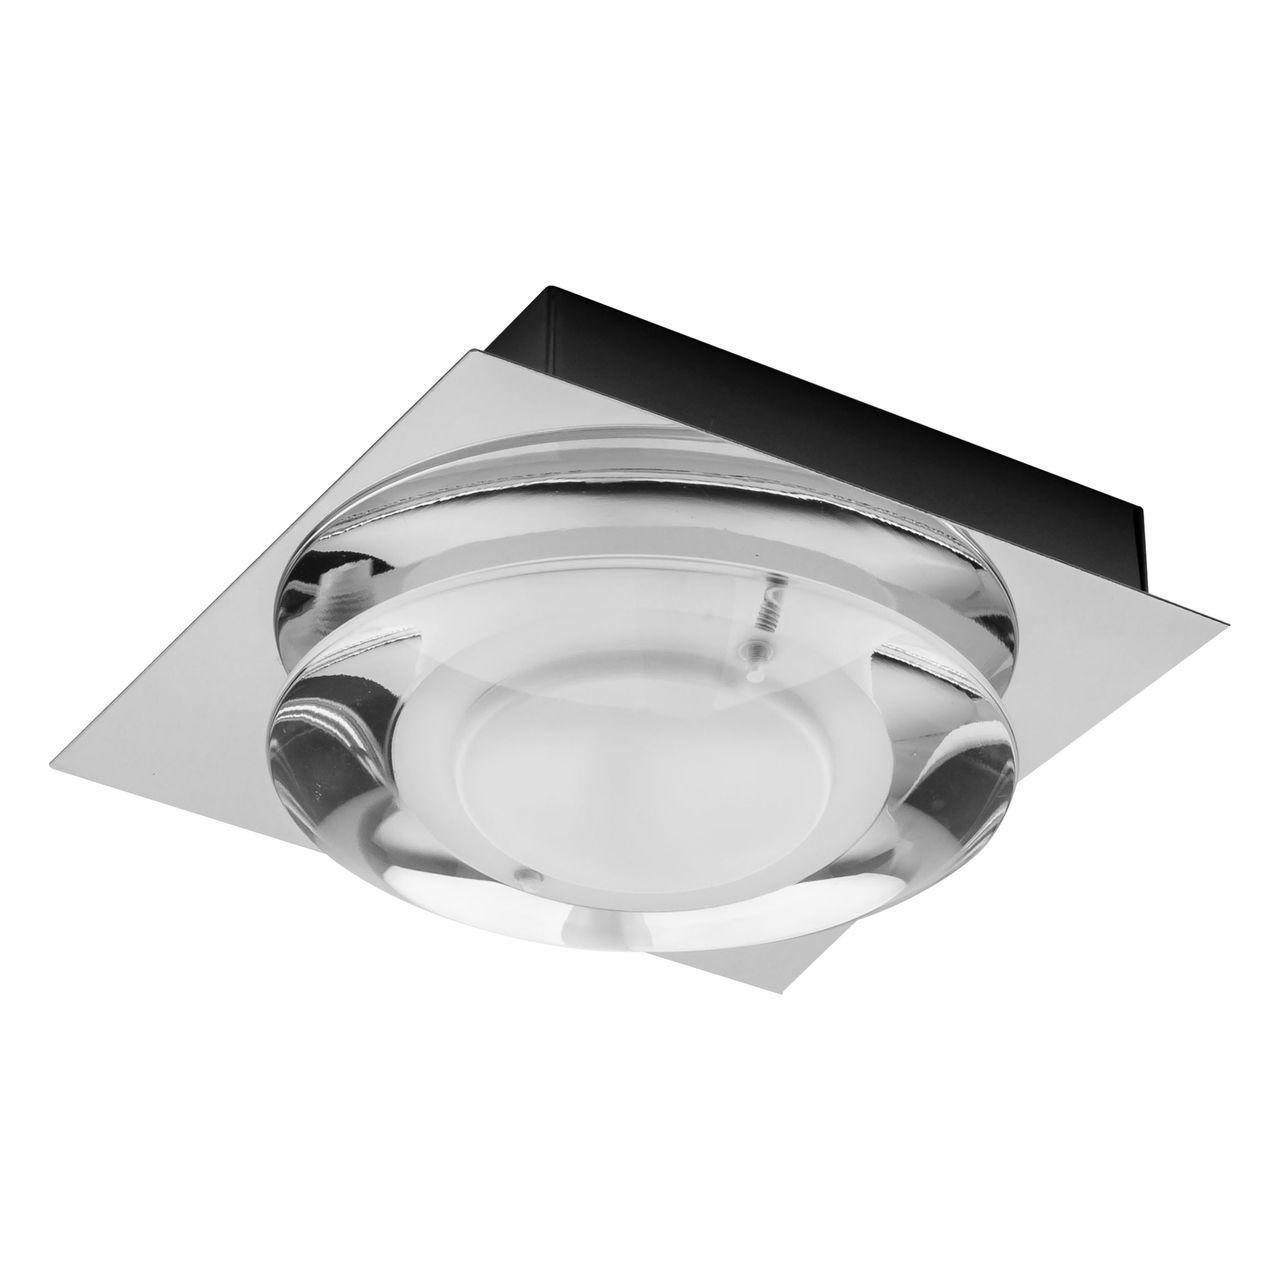 Фото - Потолочный светодиодный светильник Spot Light Primo 9029128 потолочный светодиодный светильник spot light 4723502